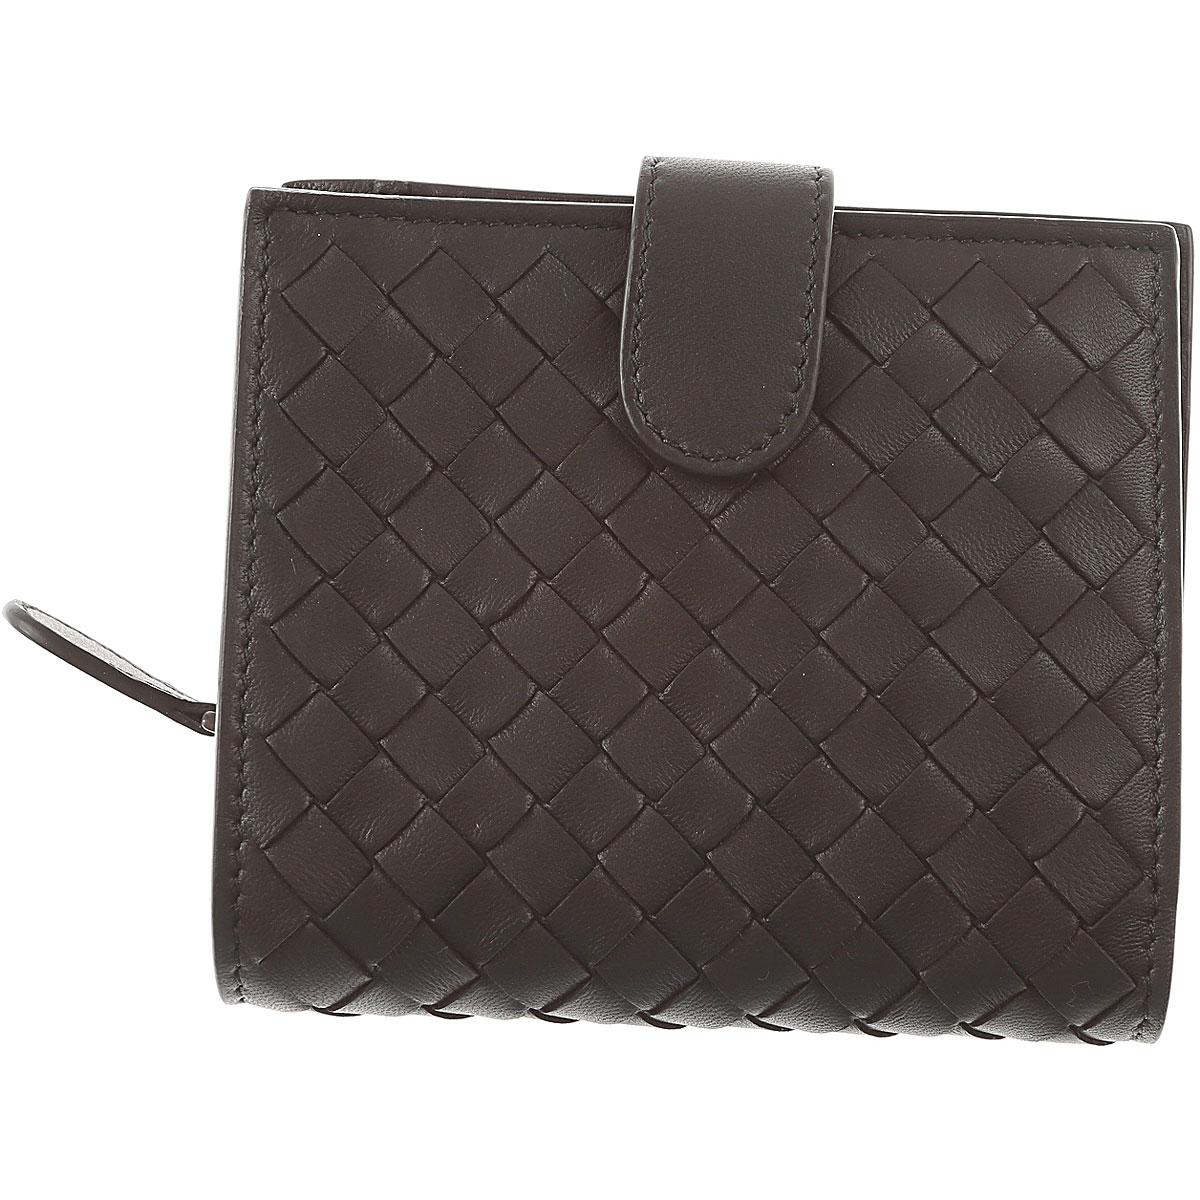 Bottega Veneta Wallet for Women On Sale, Black, Leather, 2017